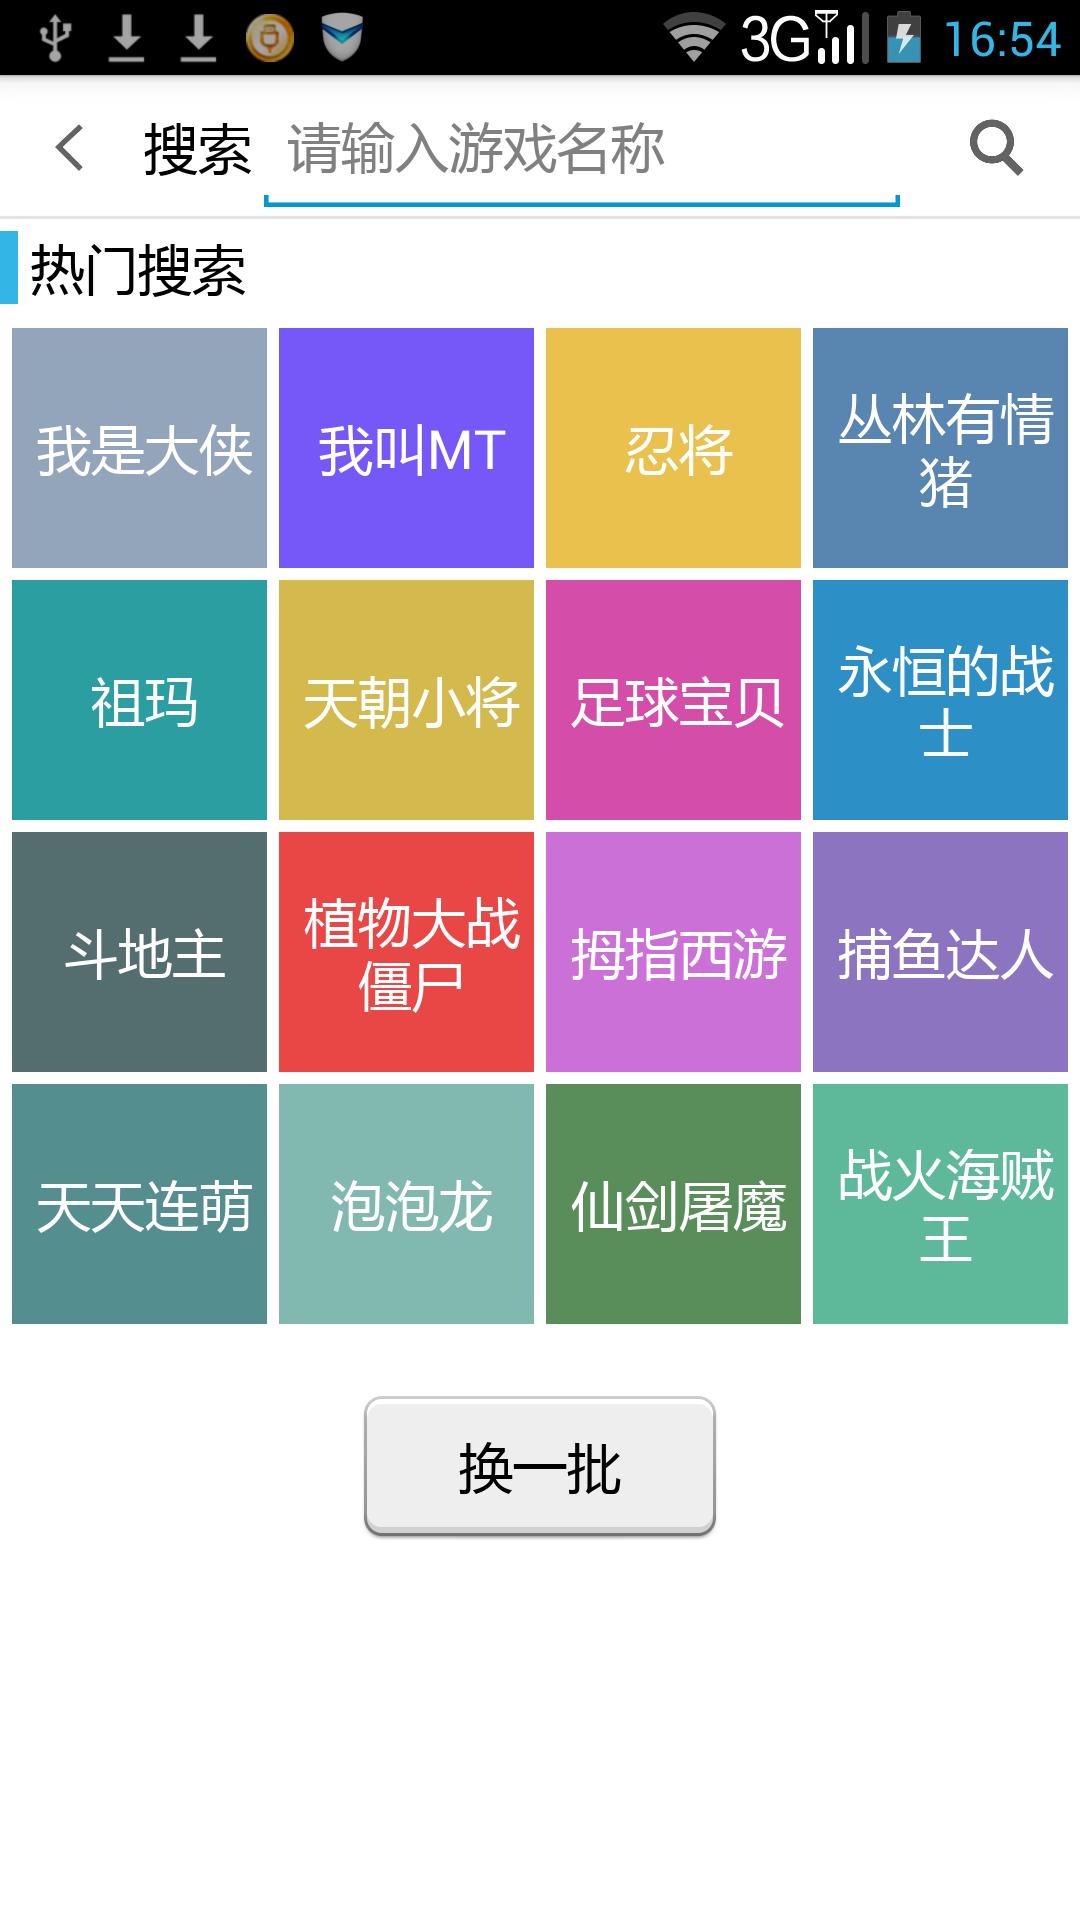 【金山快快游戏】金山快快游戏世界V3.9.1 官方免费版_专题栏